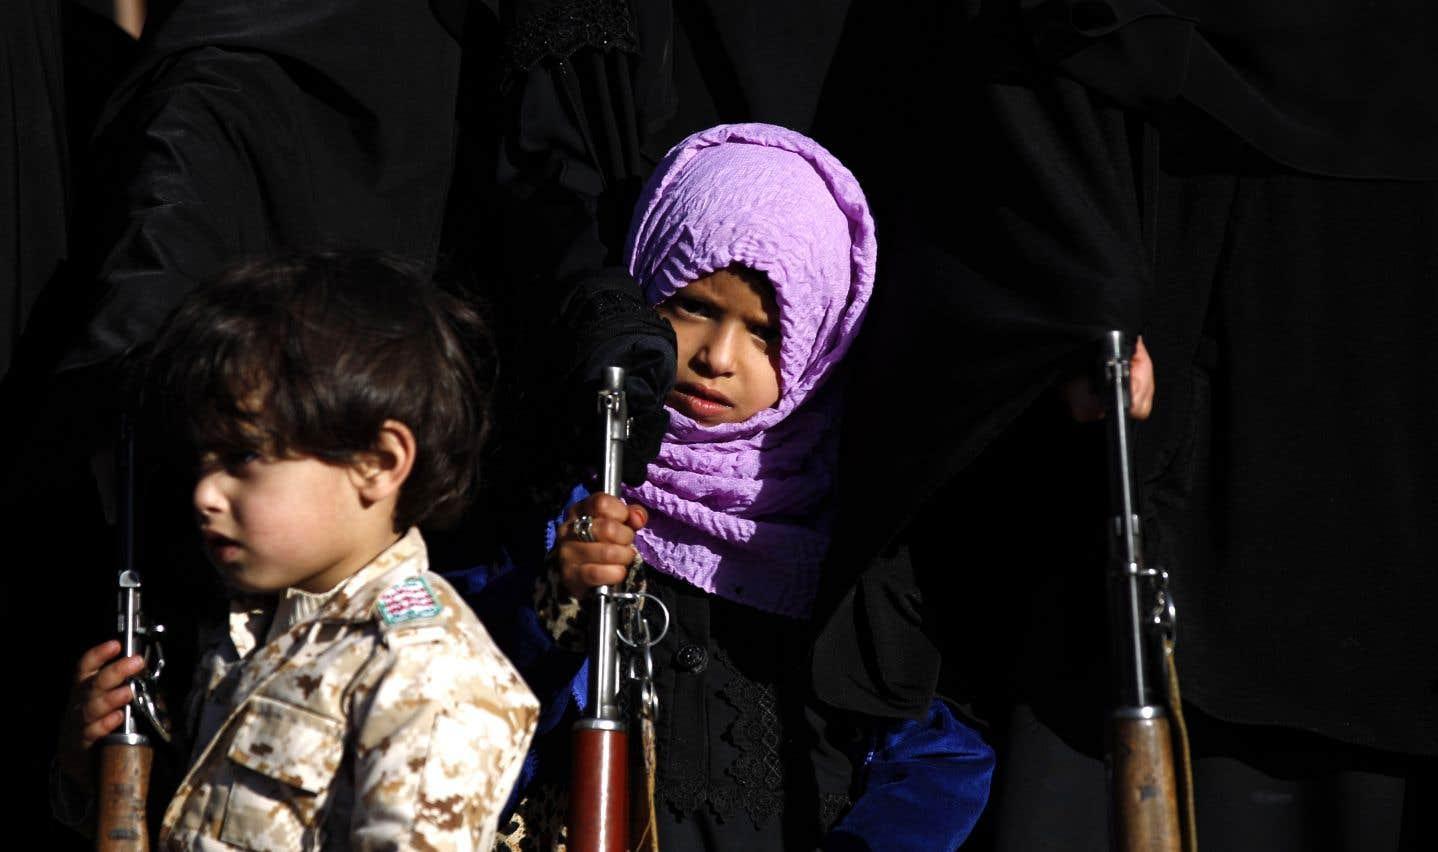 Une génération entière sera marquée par la violence, les déplacements, la maladie, la pauvreté et la malnutrition, note le rapport.